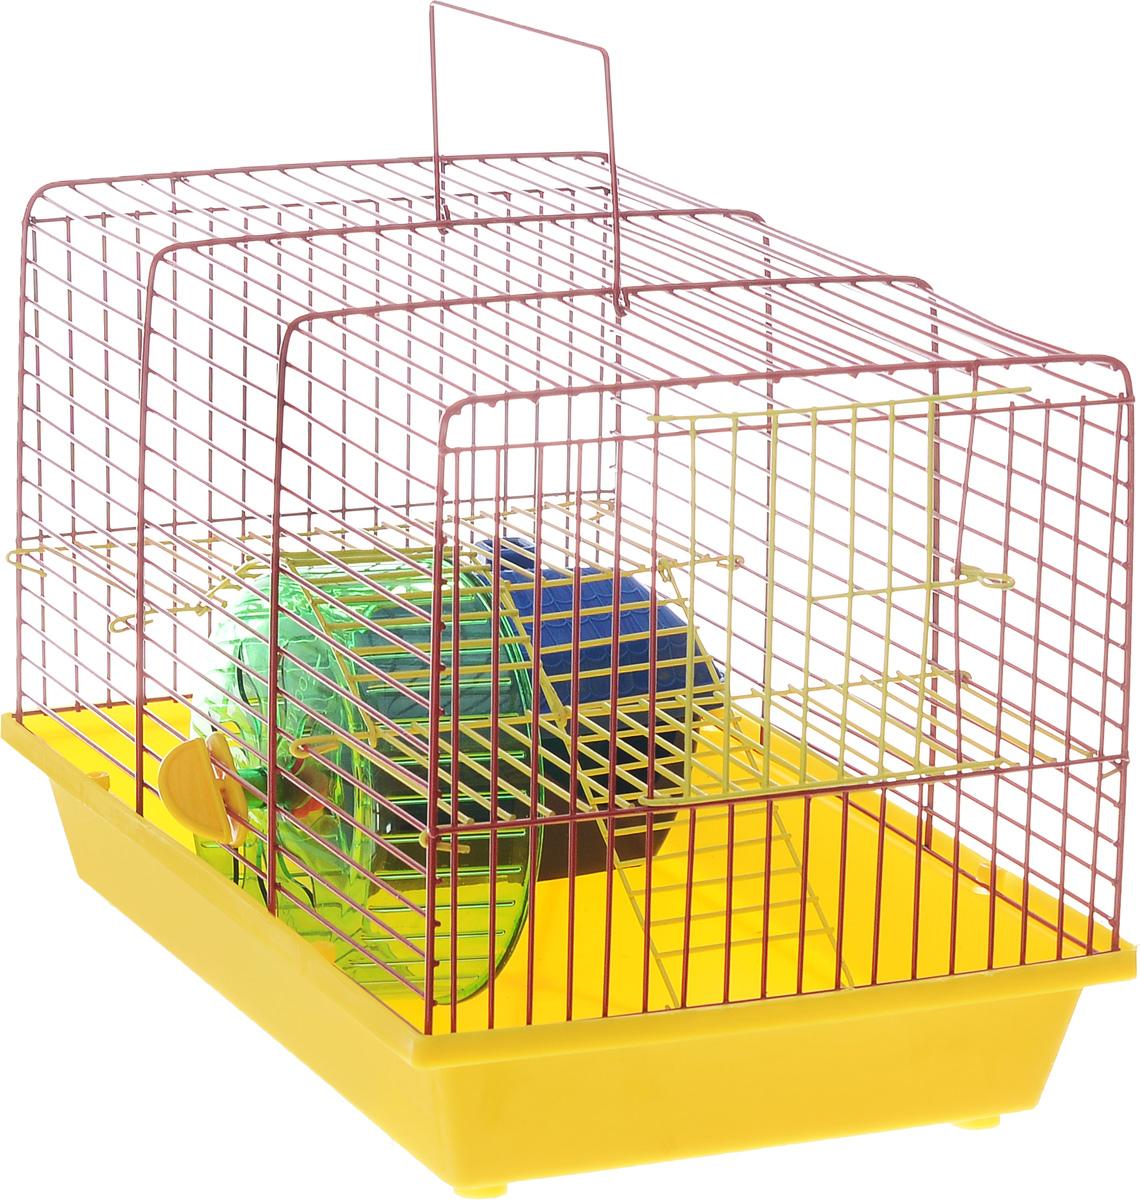 Клетка для грызунов Зоомарк  Венеция , 2-этажная, цвет: желтый поддон, красная решетка, 36 х 23 х 24 см - Клетки, вольеры, будки